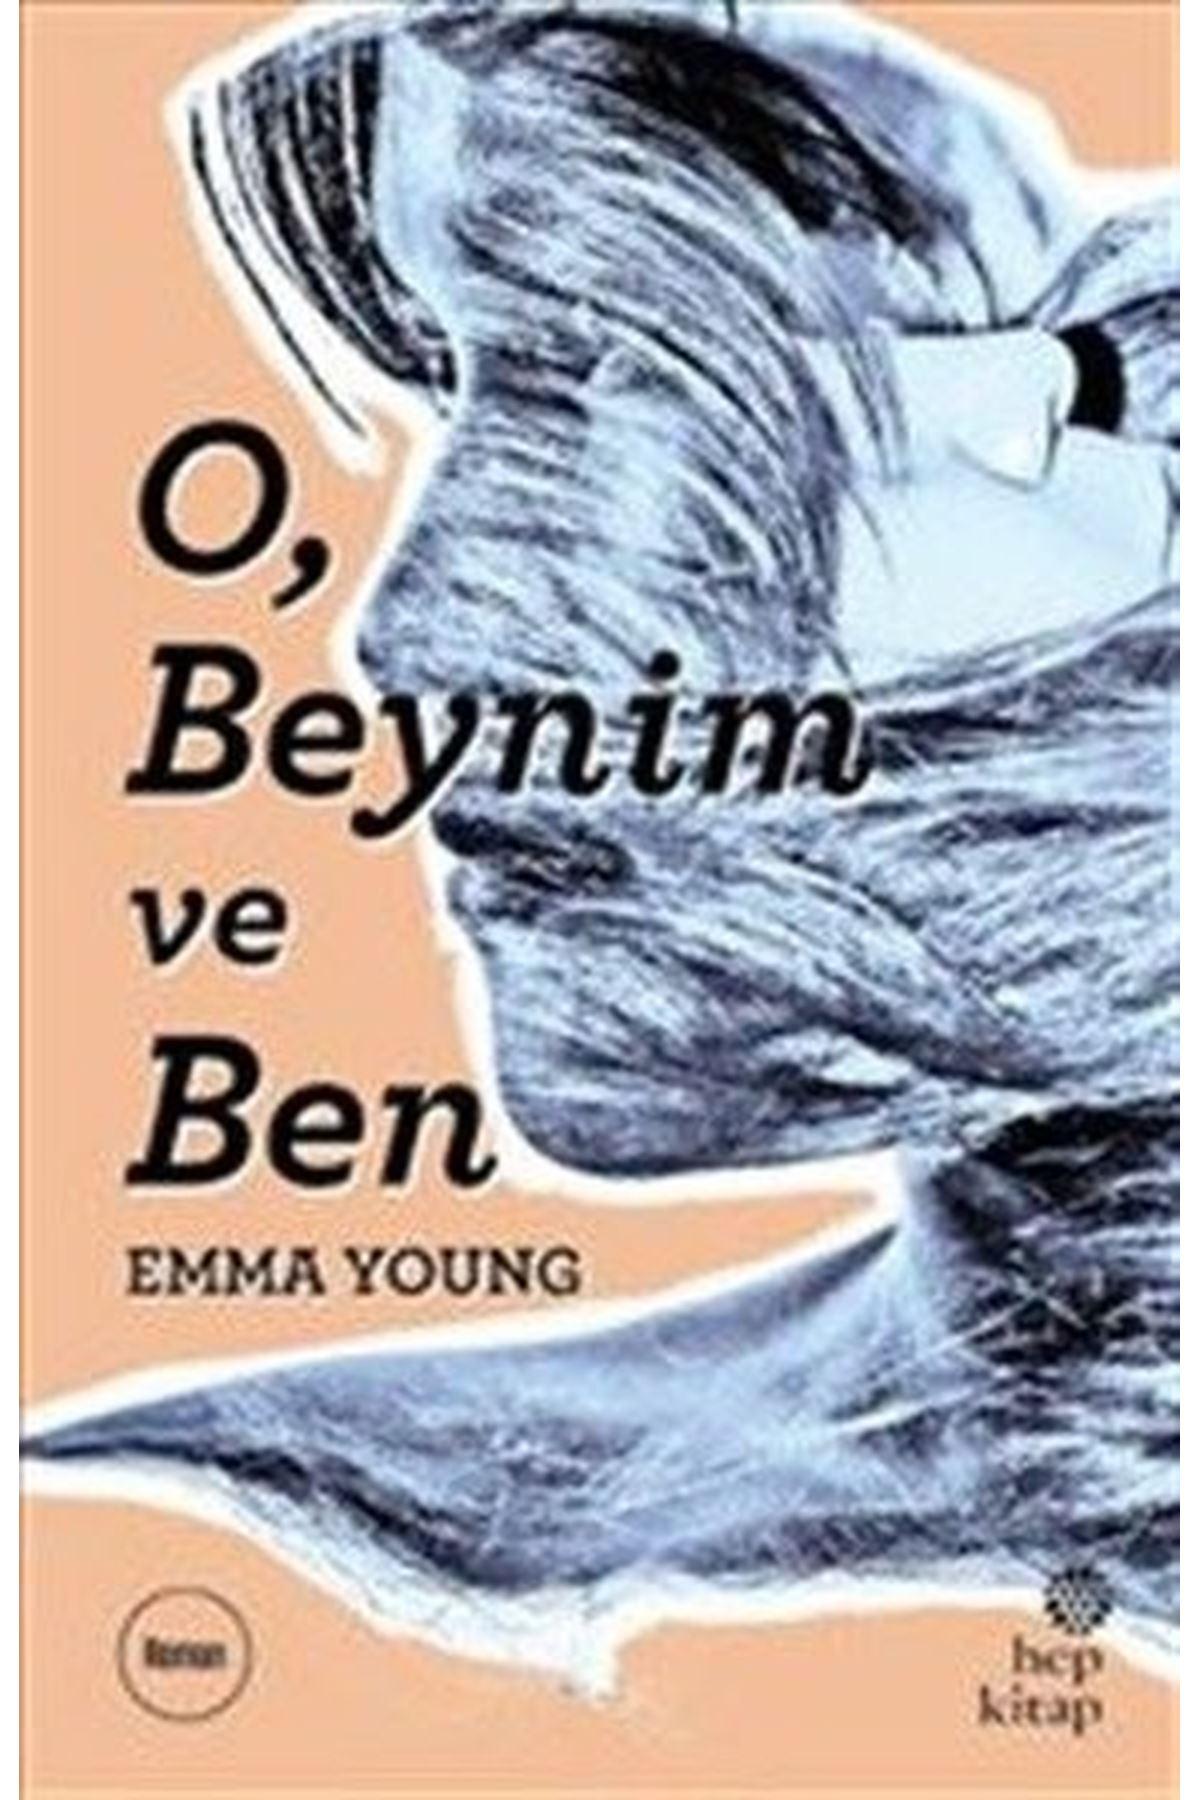 EMMA YOUNG - O, BEYNİM VE BEN